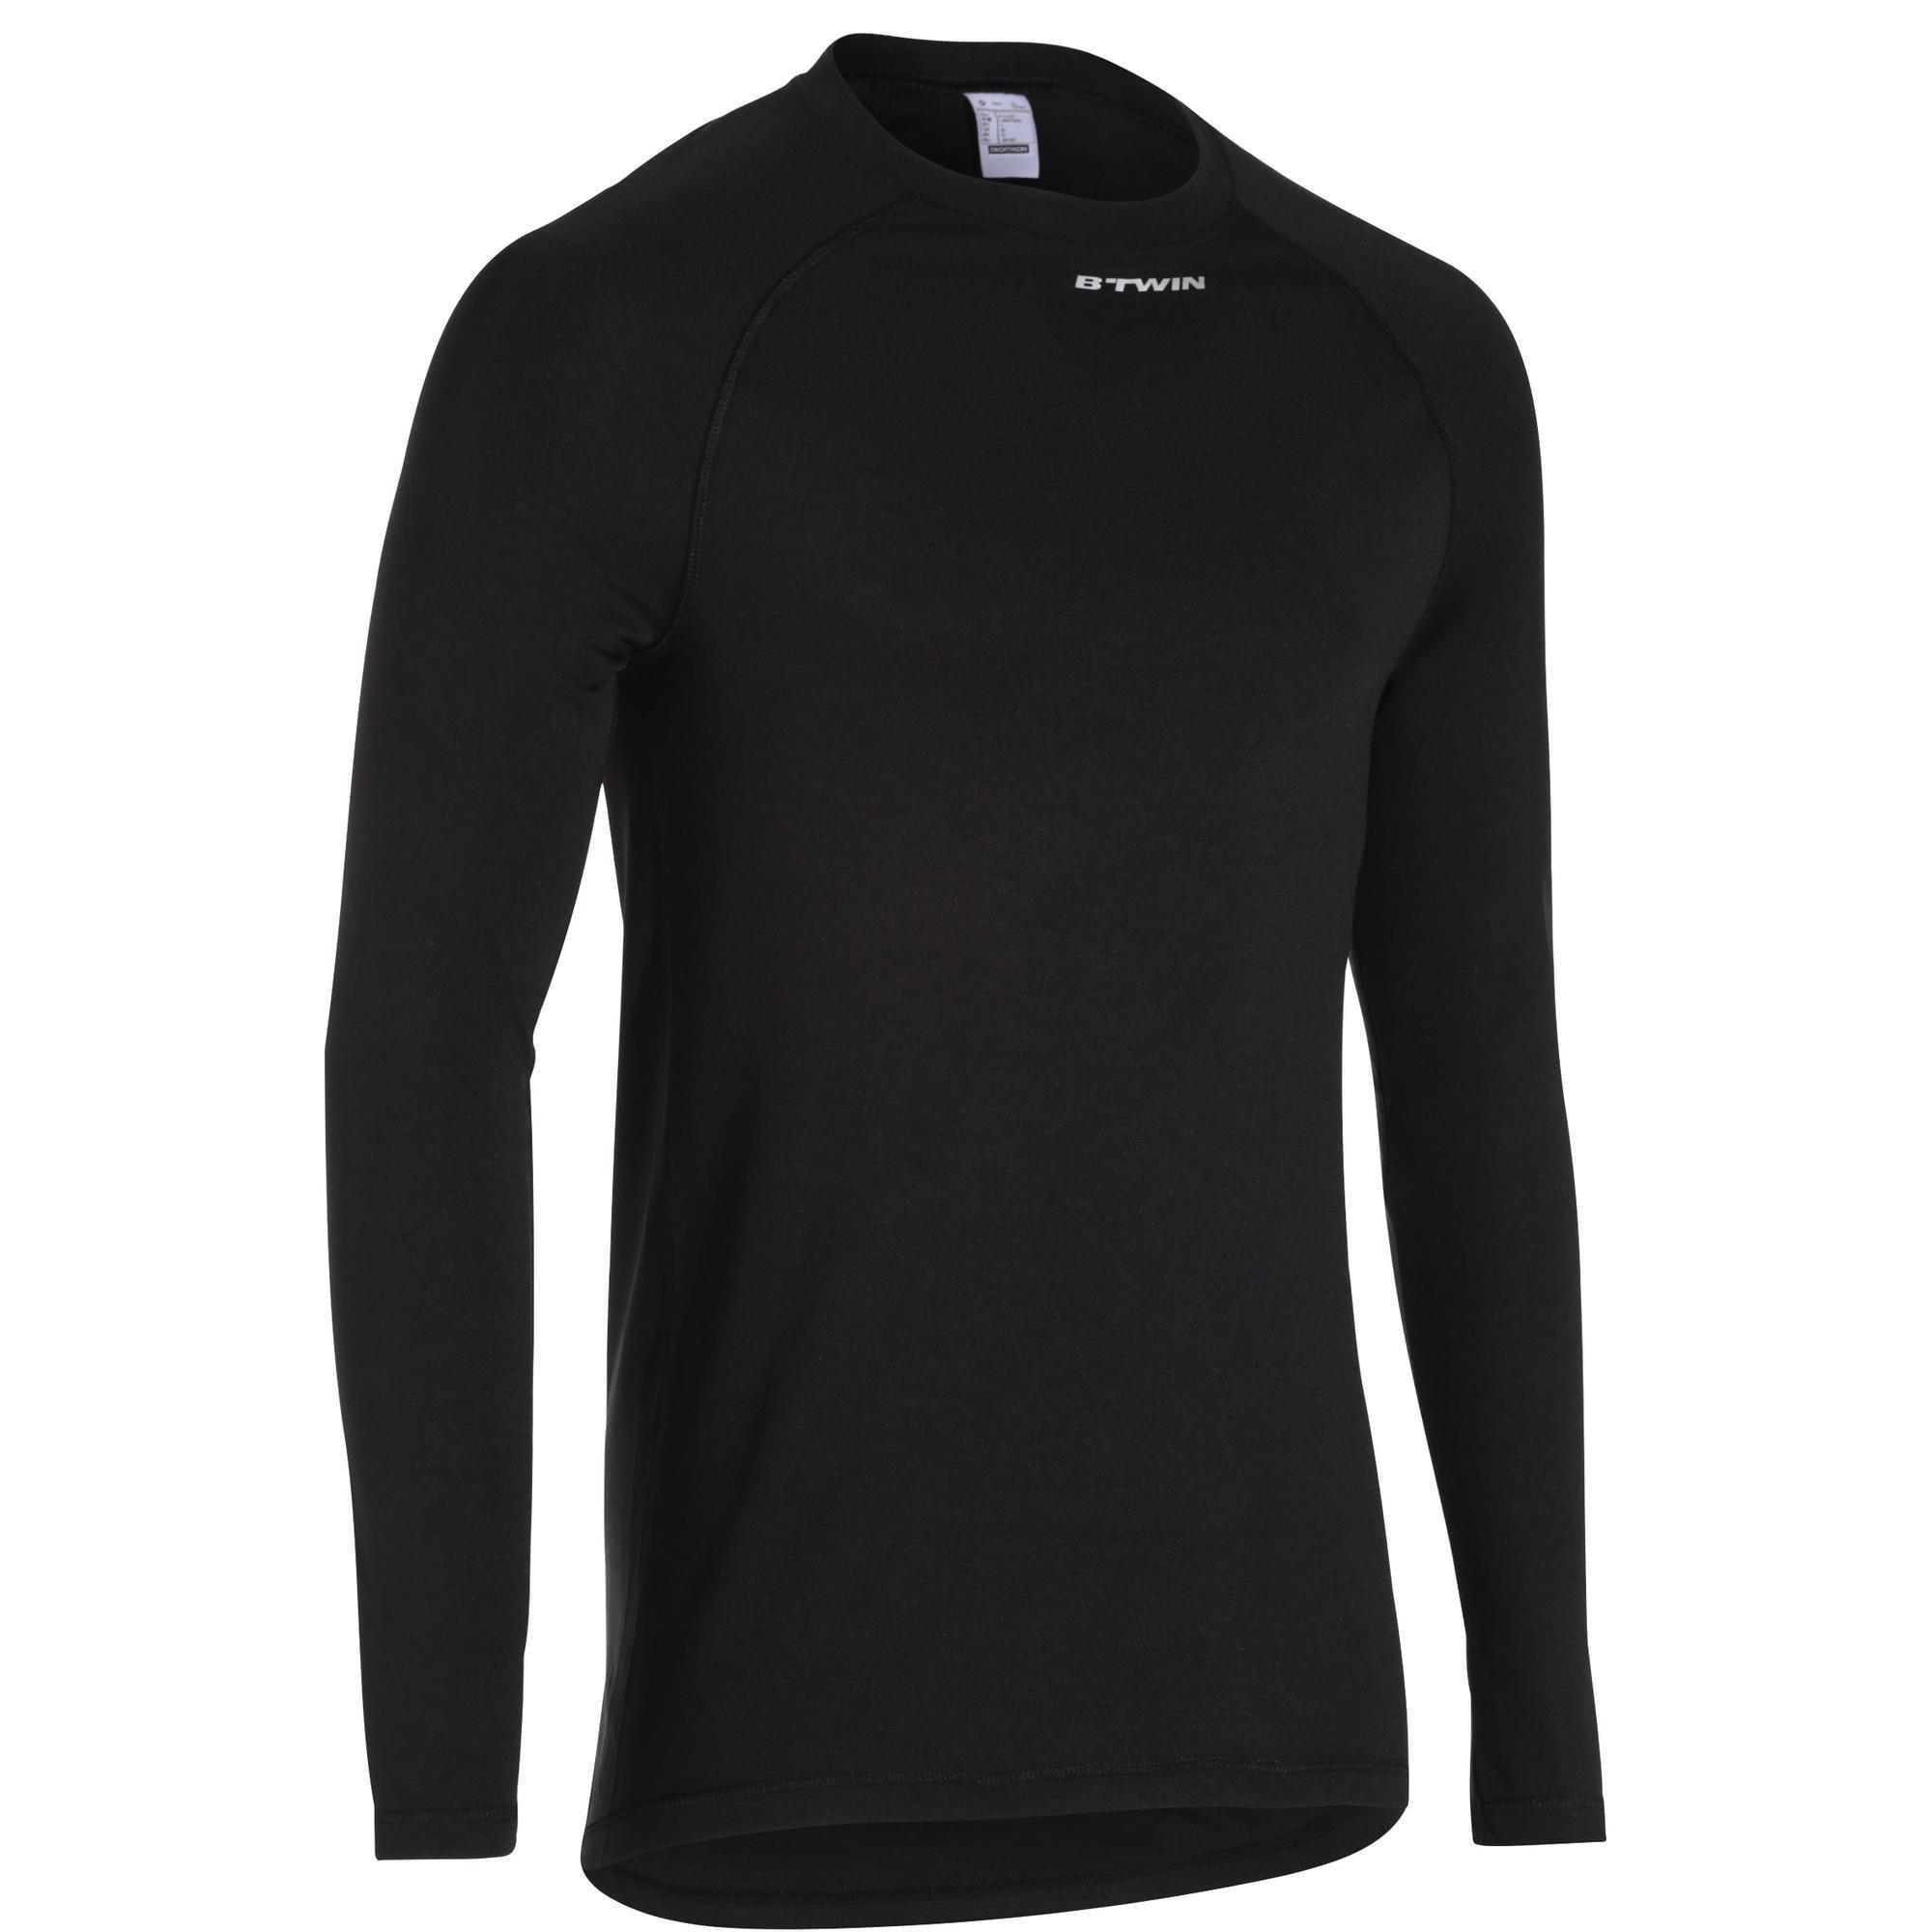 Fahrrad-Unterwäsche Langarm-Funktionsshirt 100 Herren schwarz | Sportbekleidung > Funktionswäsche > Thermounterwäsche | Schwarz | B´twin